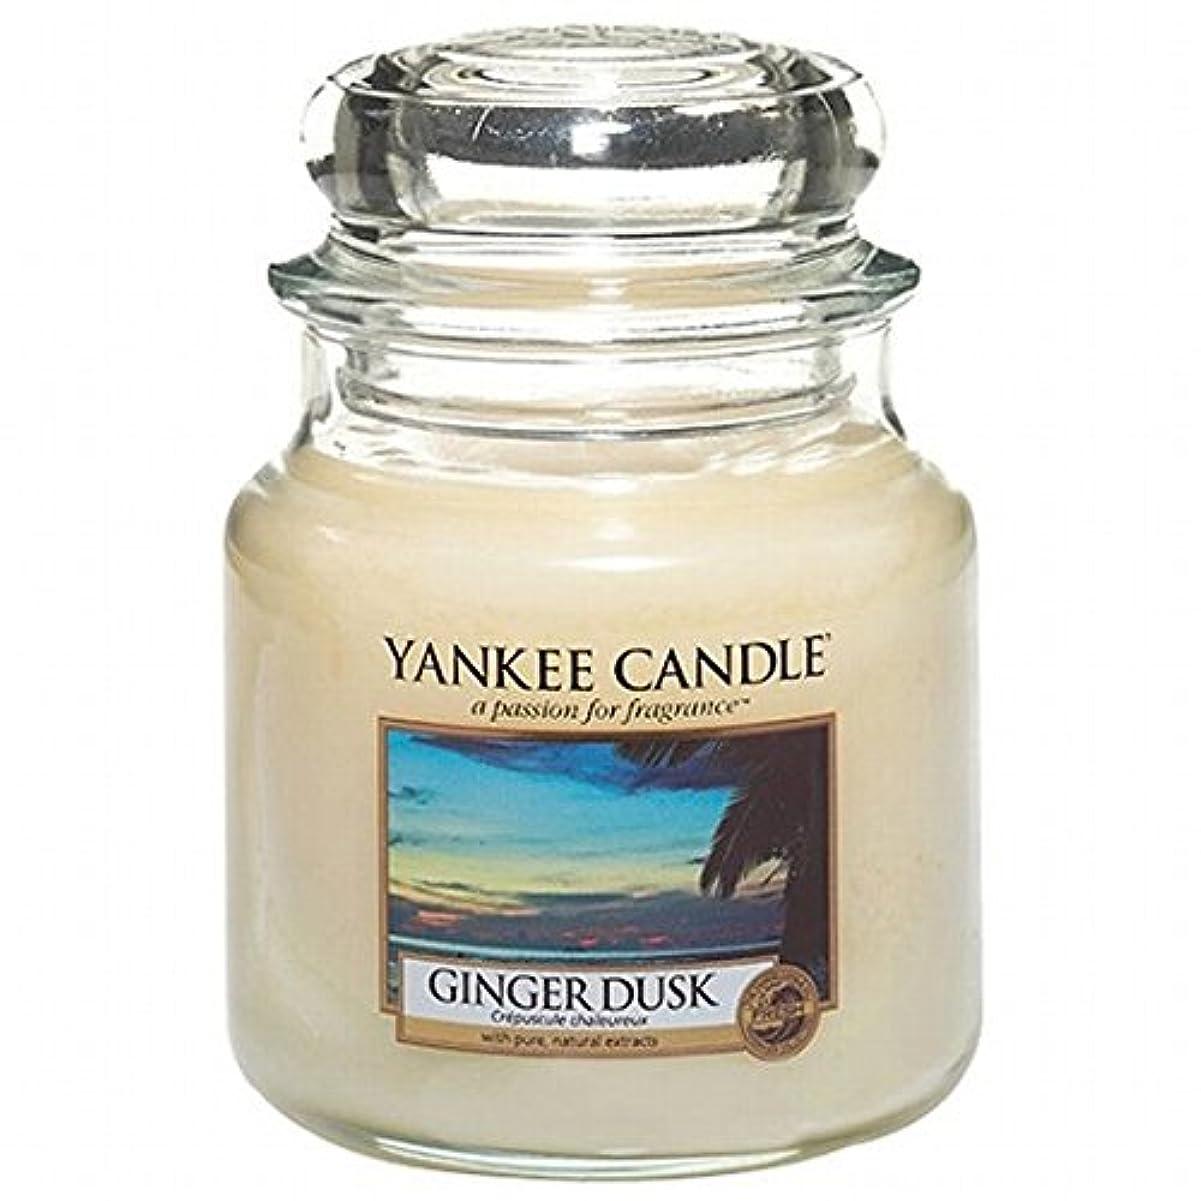 広告する何十人もおヤンキーキャンドル(YANKEE CANDLE) YANKEE CANDLE ジャーM 「 ジンジャーダスク 」